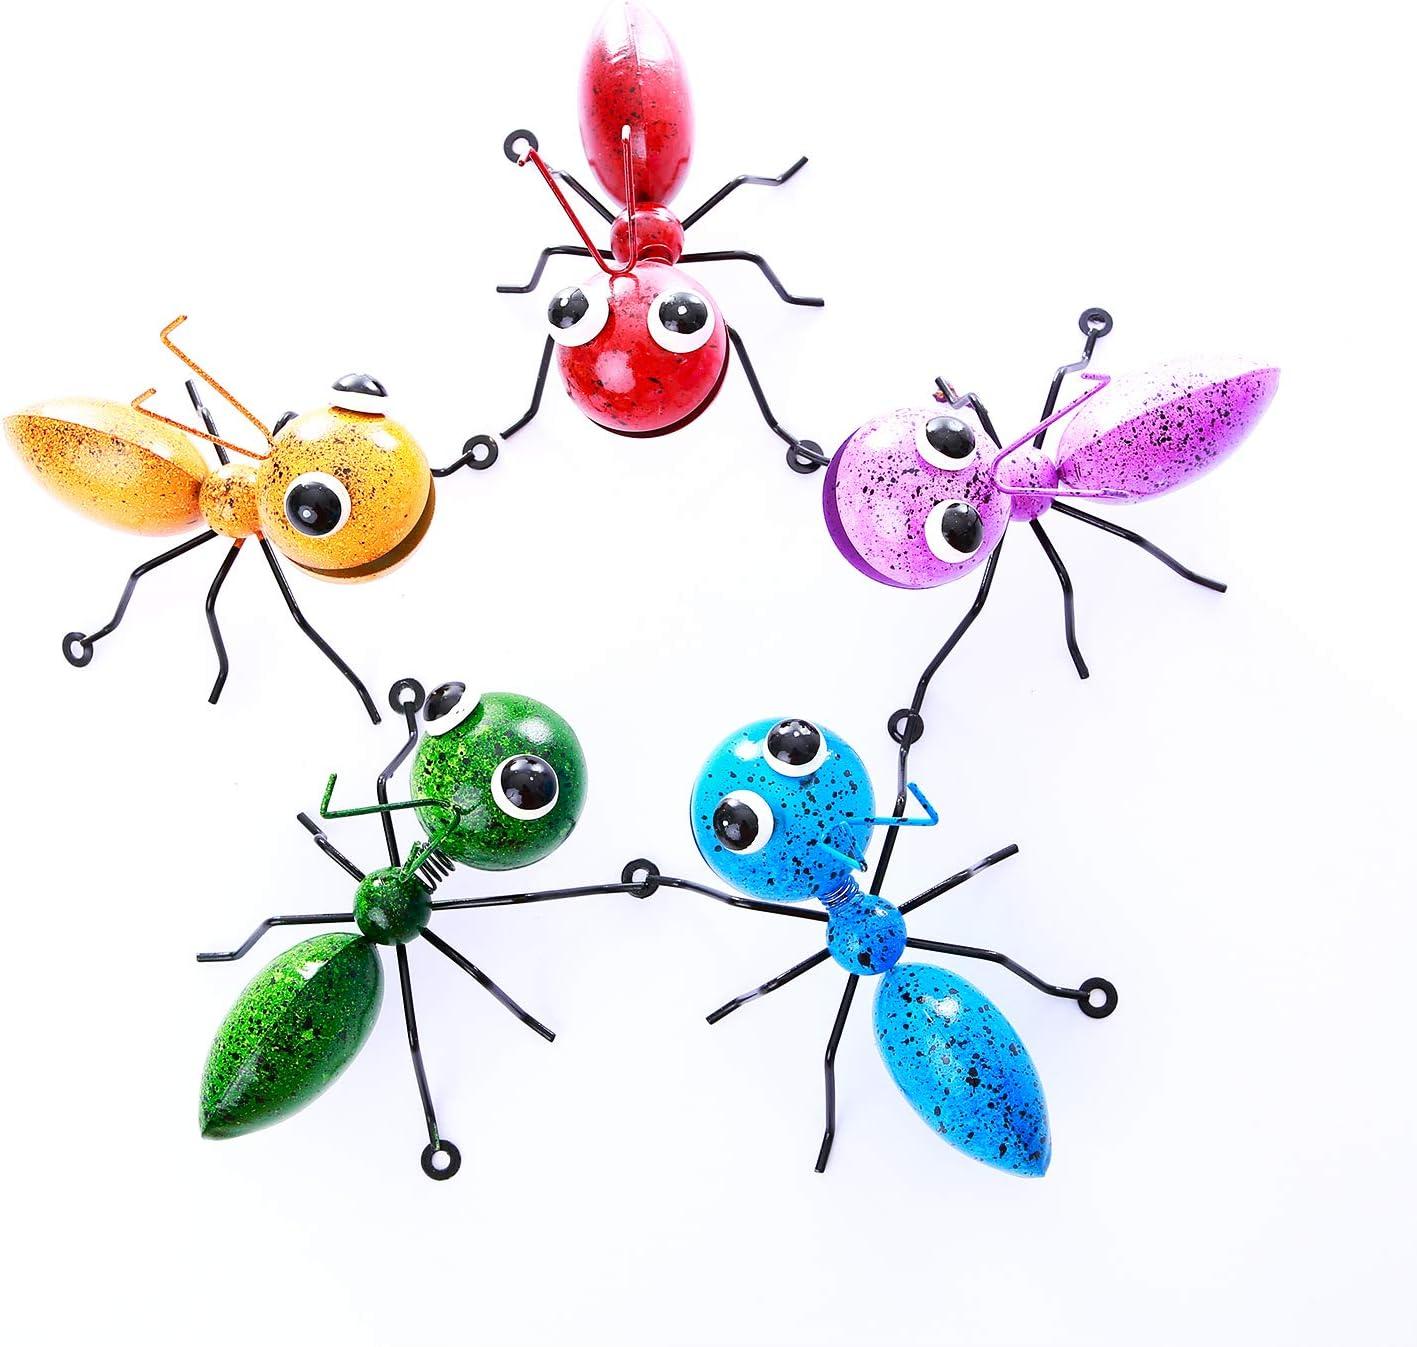 PUENUO 5pack Metal Ant Wall Decor Sculpture Art Hanging for Home Garden Indoor Lawn Yard Indoor Outdoor